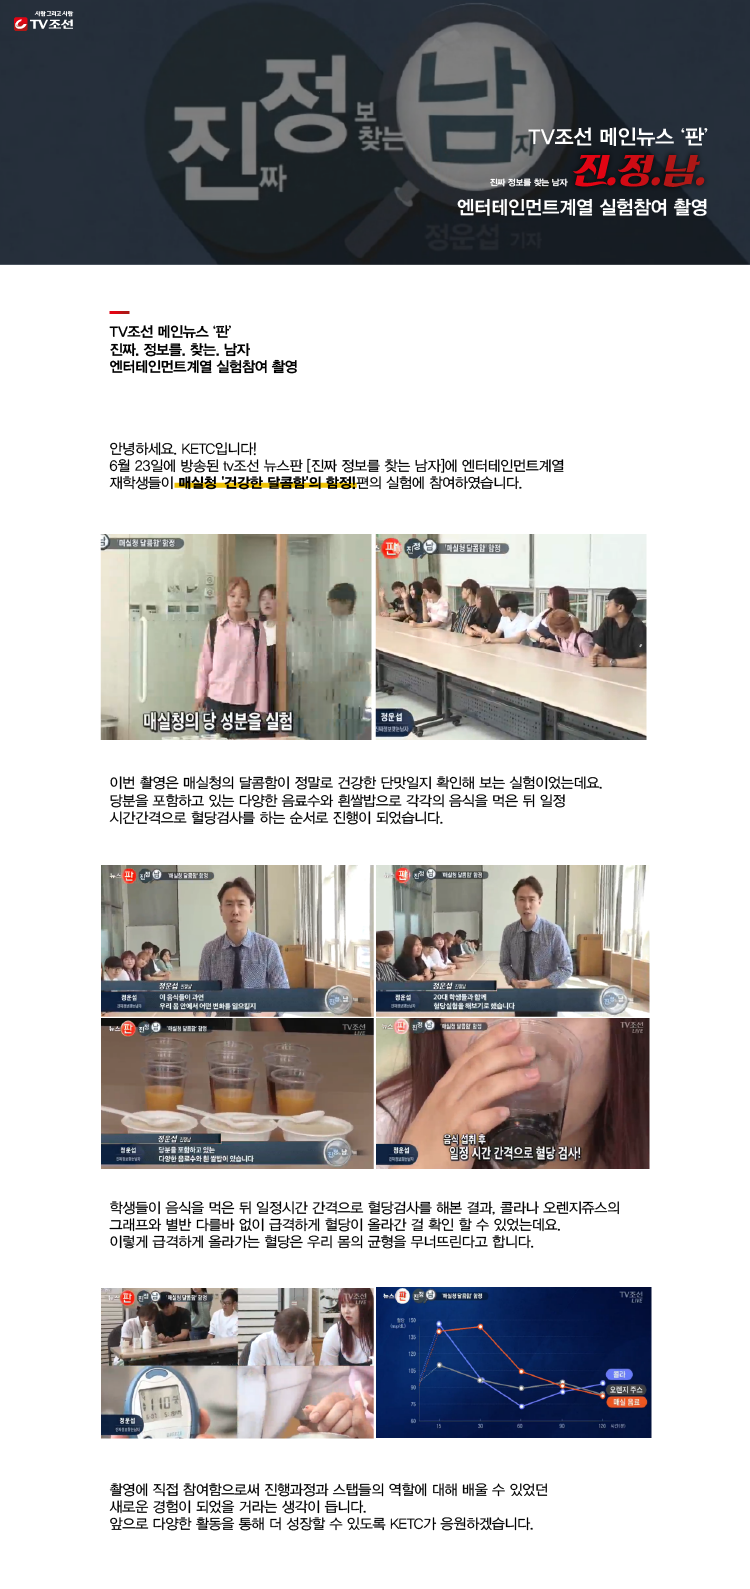 엔터테인먼트계열 재학생 tv조선 실험참여 촬영!